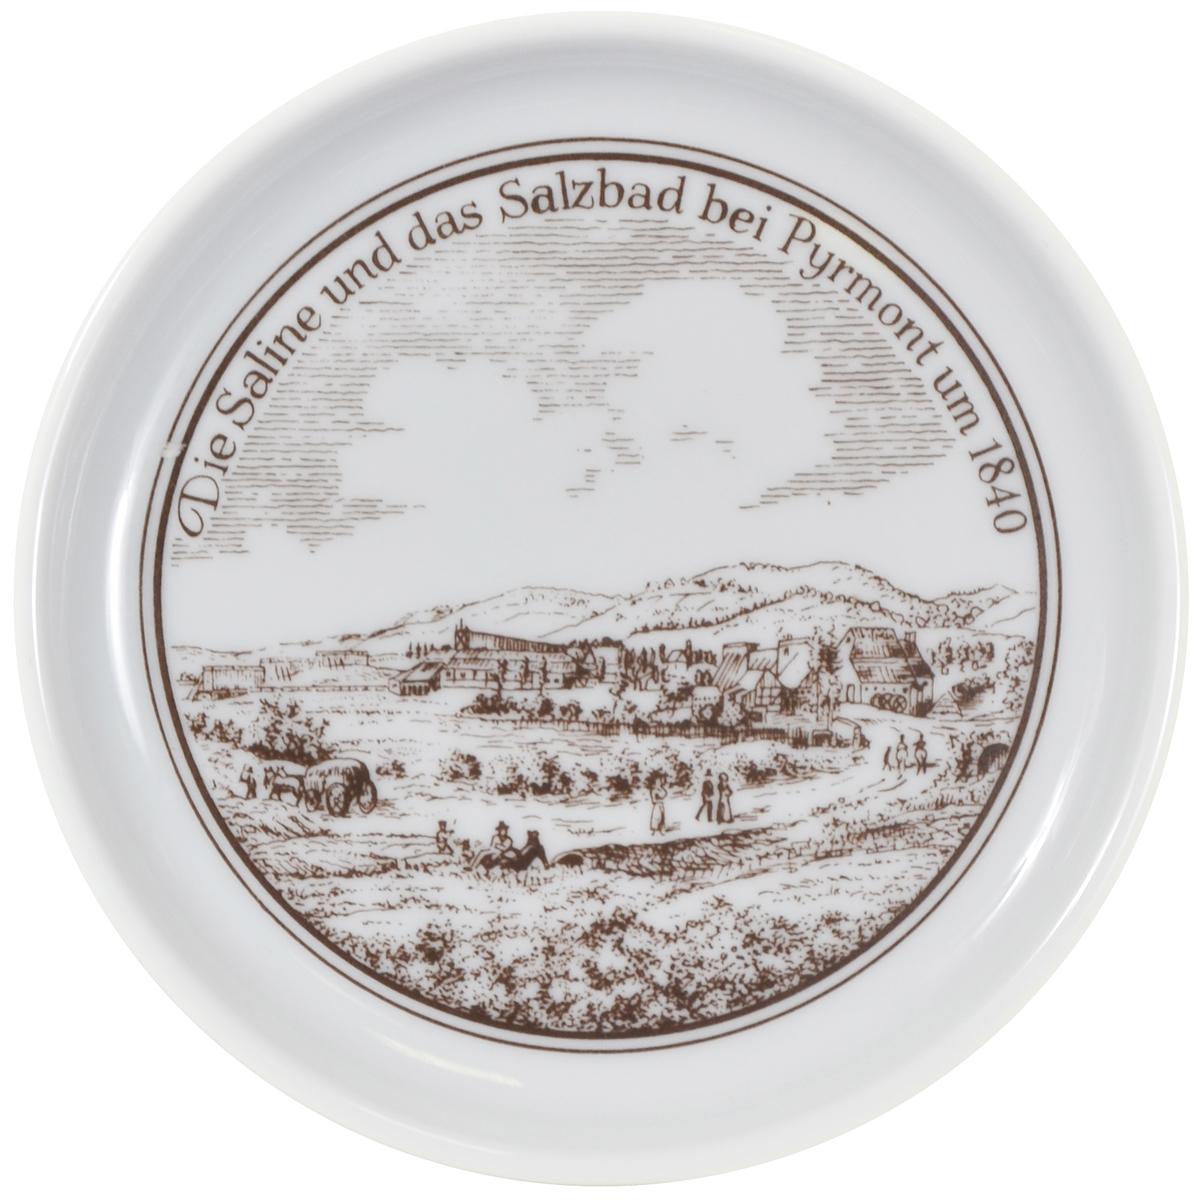 Целебные источники Бад-Пирмонта в 1840 году, декоративная тарелка. Фарфор. Furstenberg, Германия, 1980 гг бад латл в украине